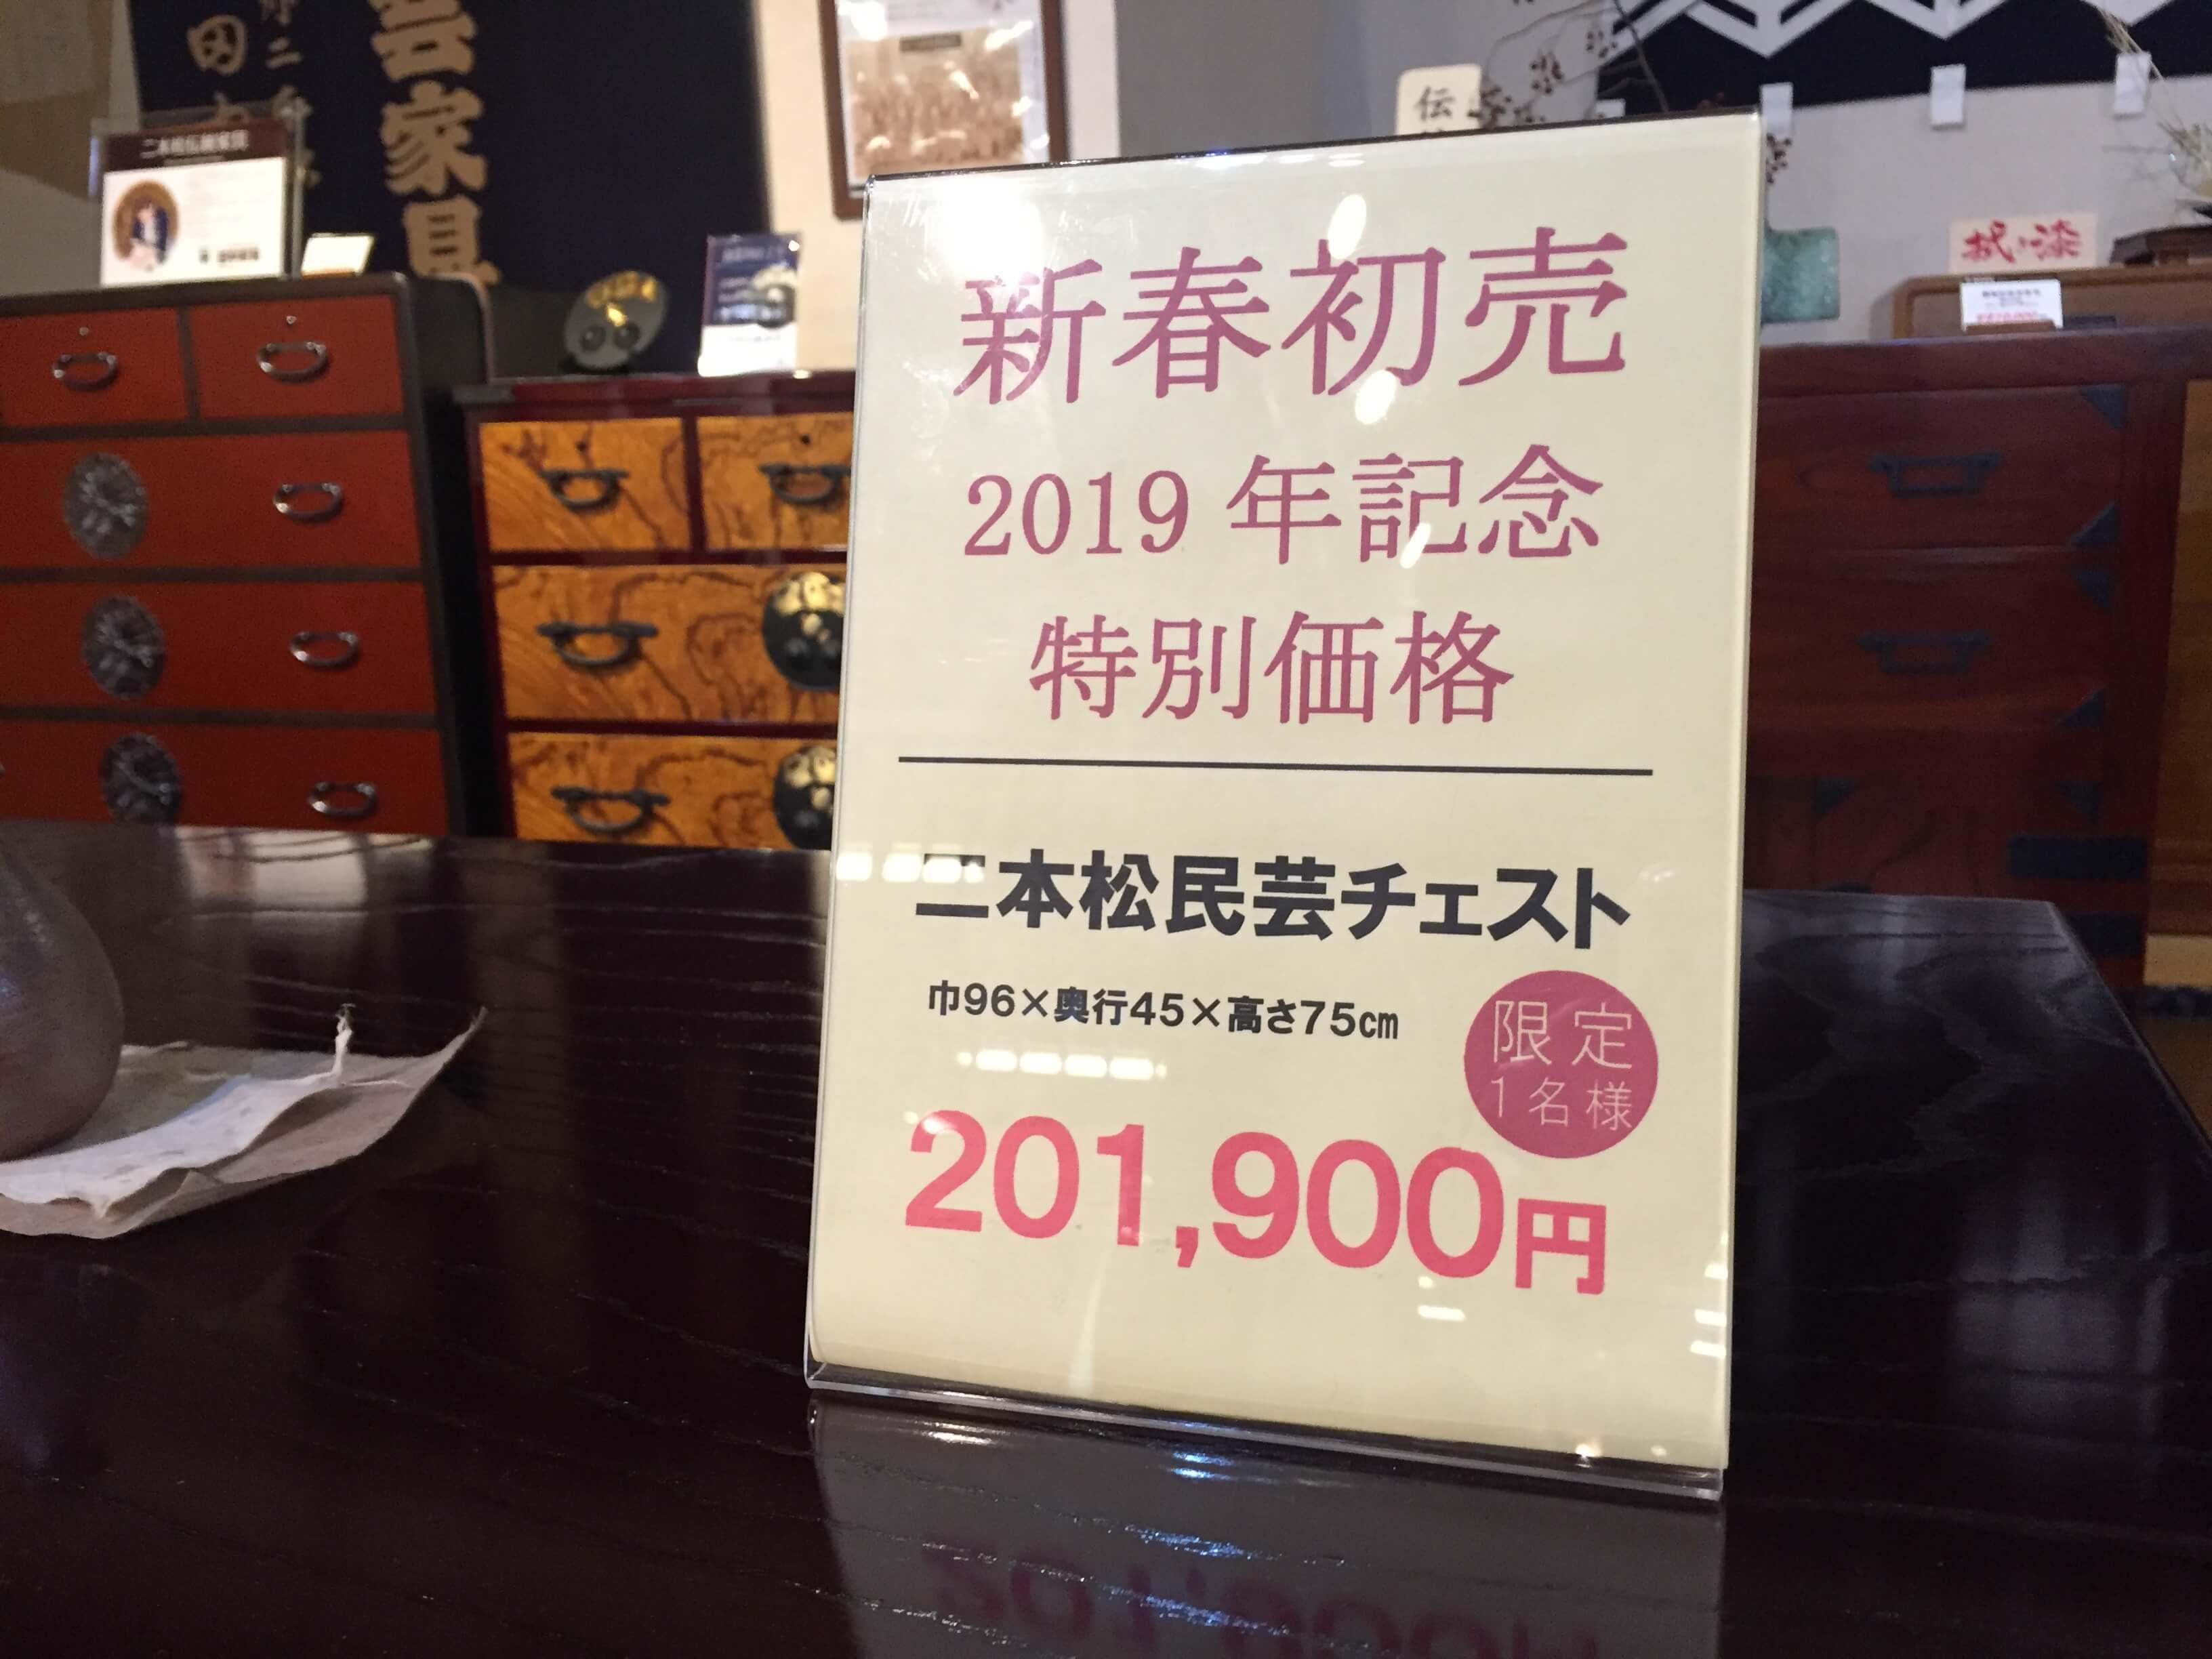 2019新春初売り